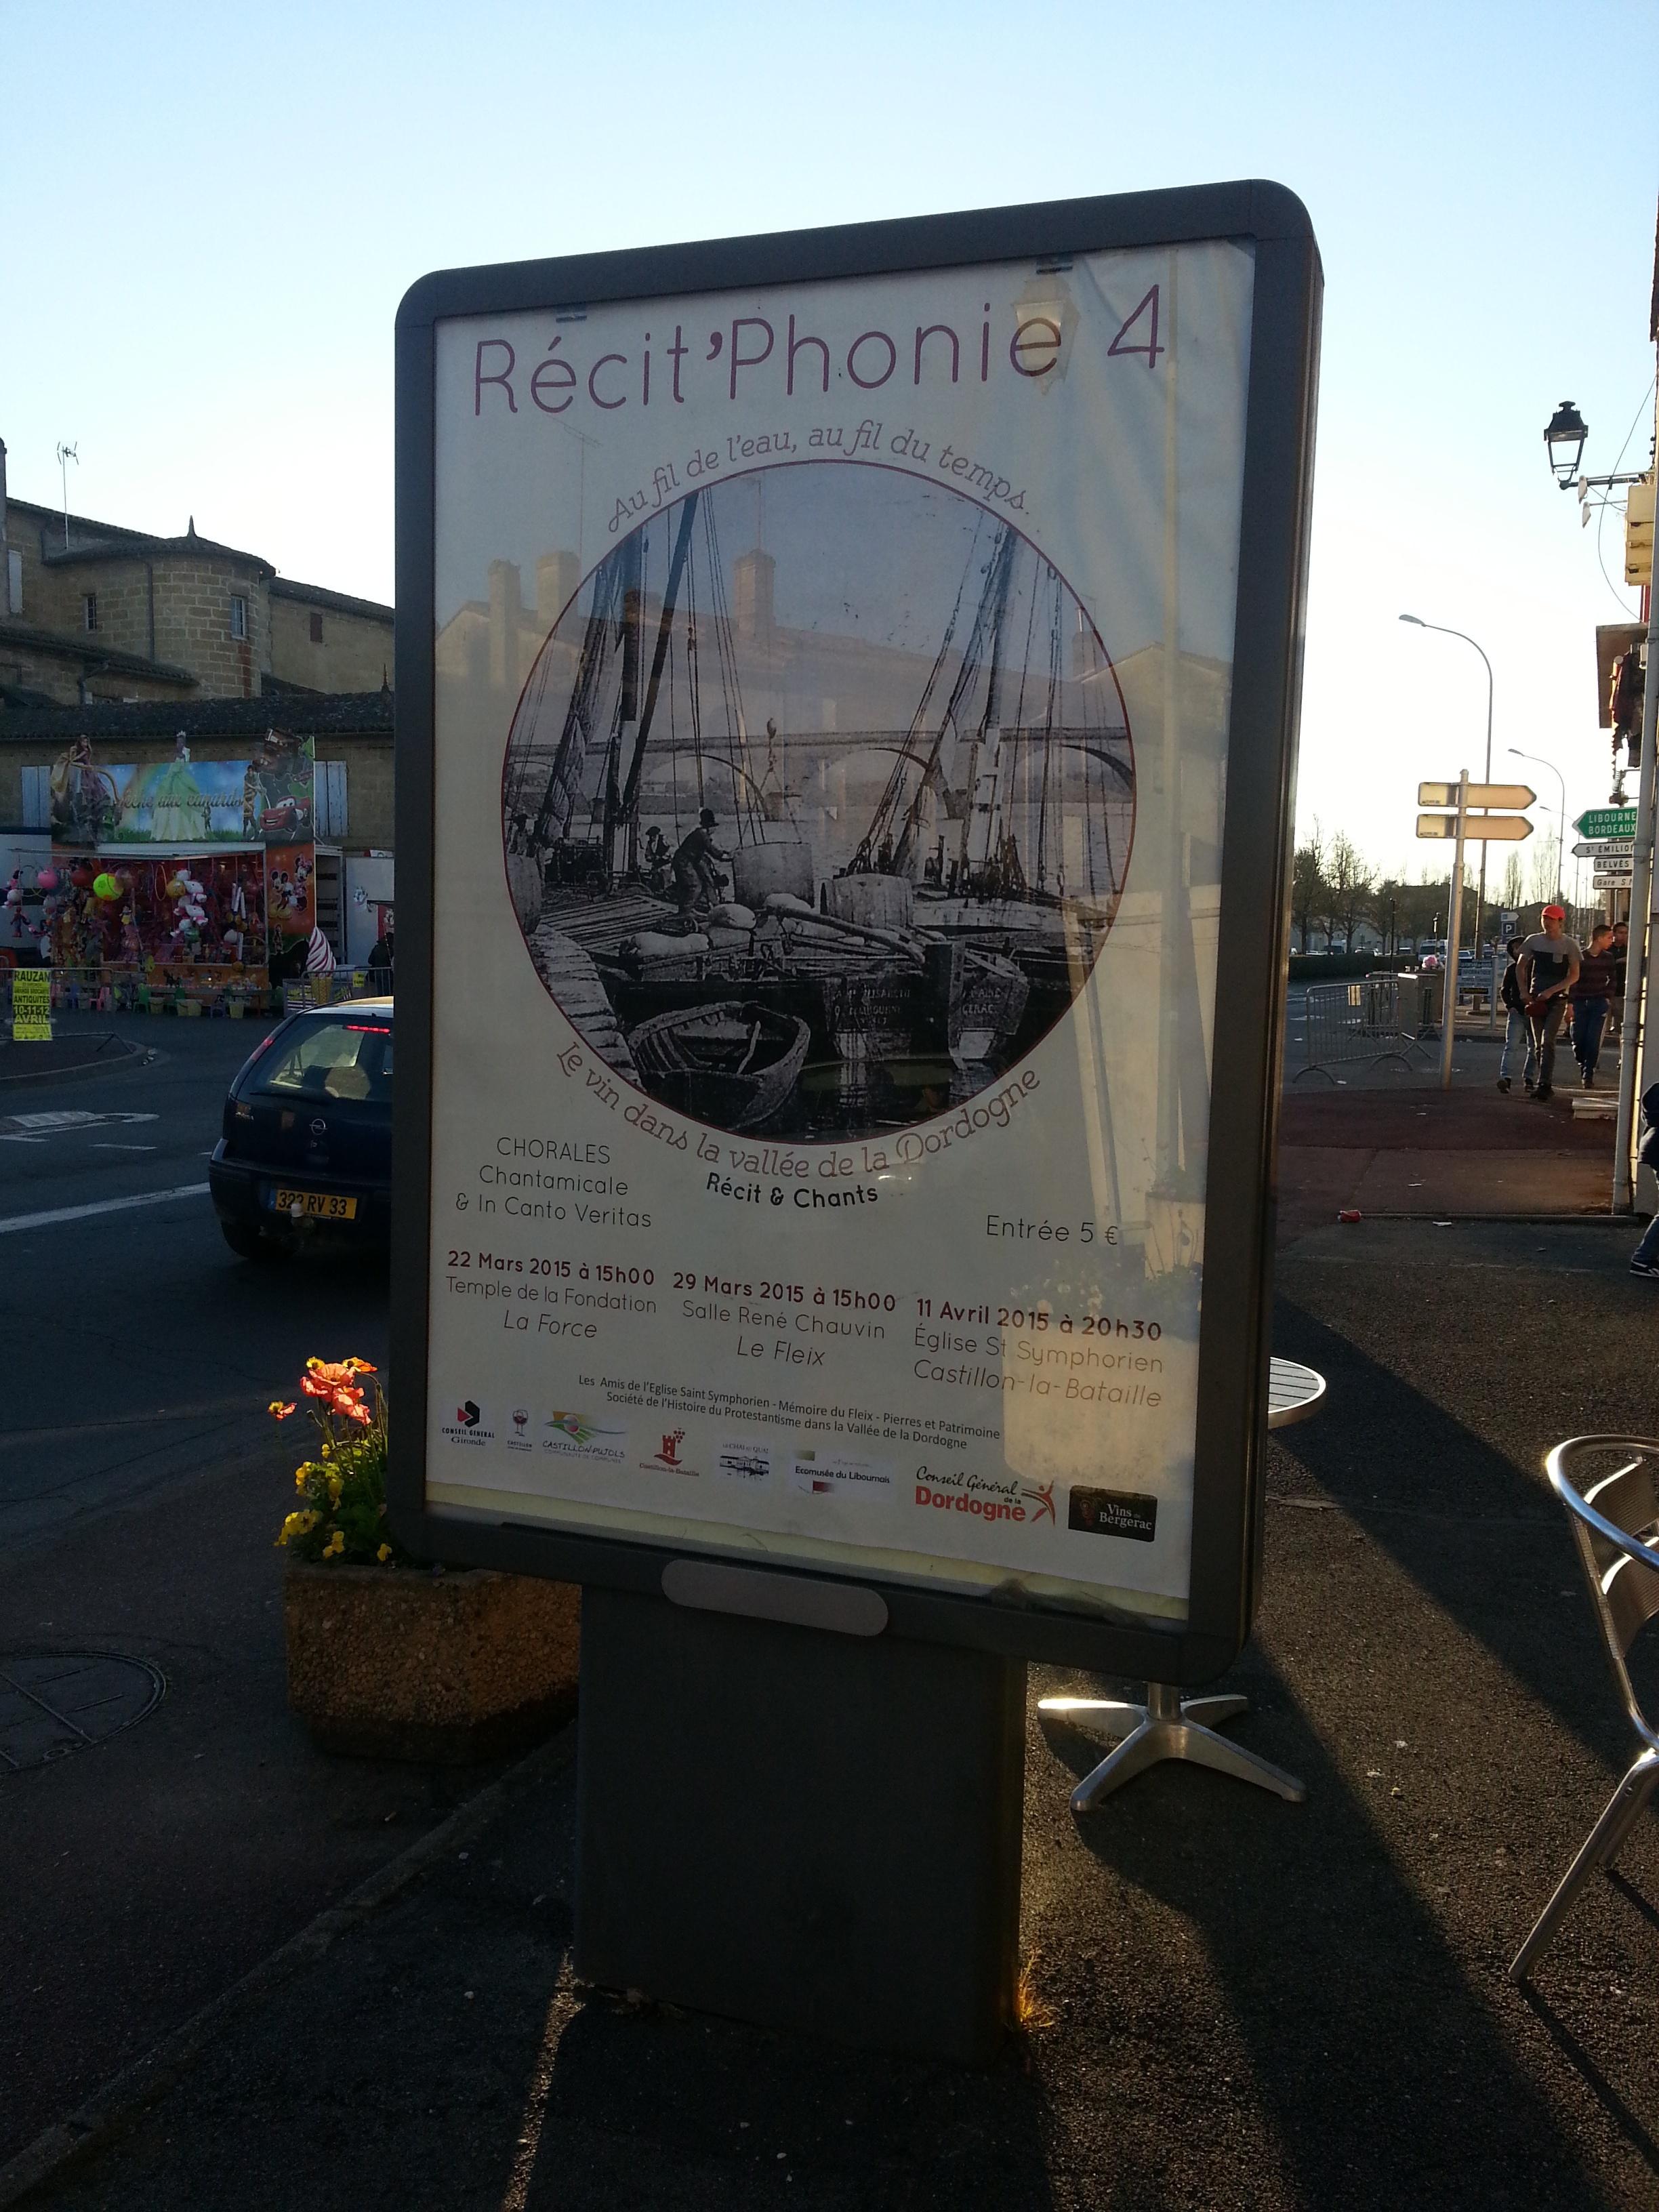 Affiche Recit'Phonie Panneau publicitaire